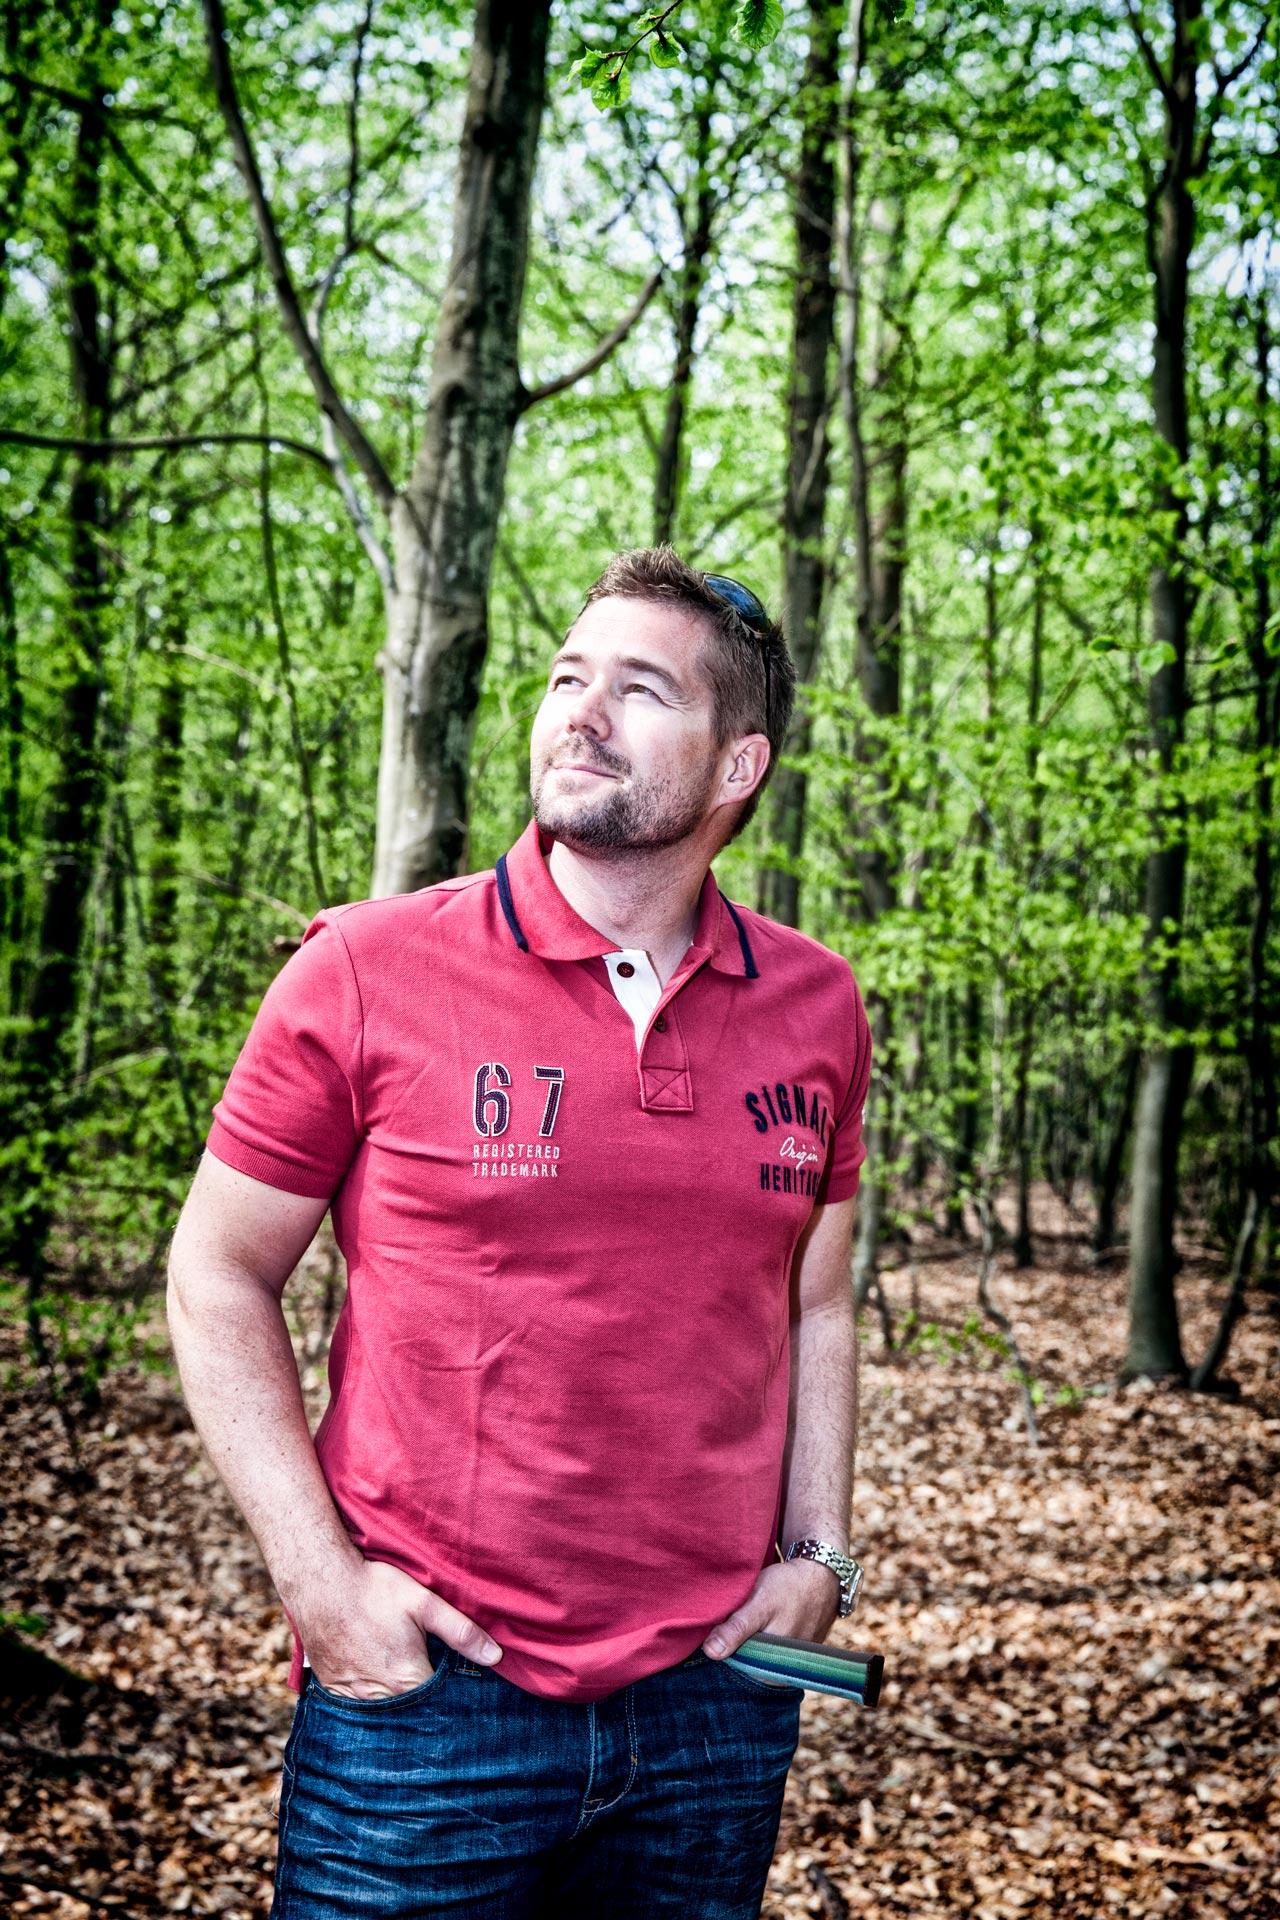 Johannes Langkilde, licenshest, dr, tv2, journalist, Portrætfotograf